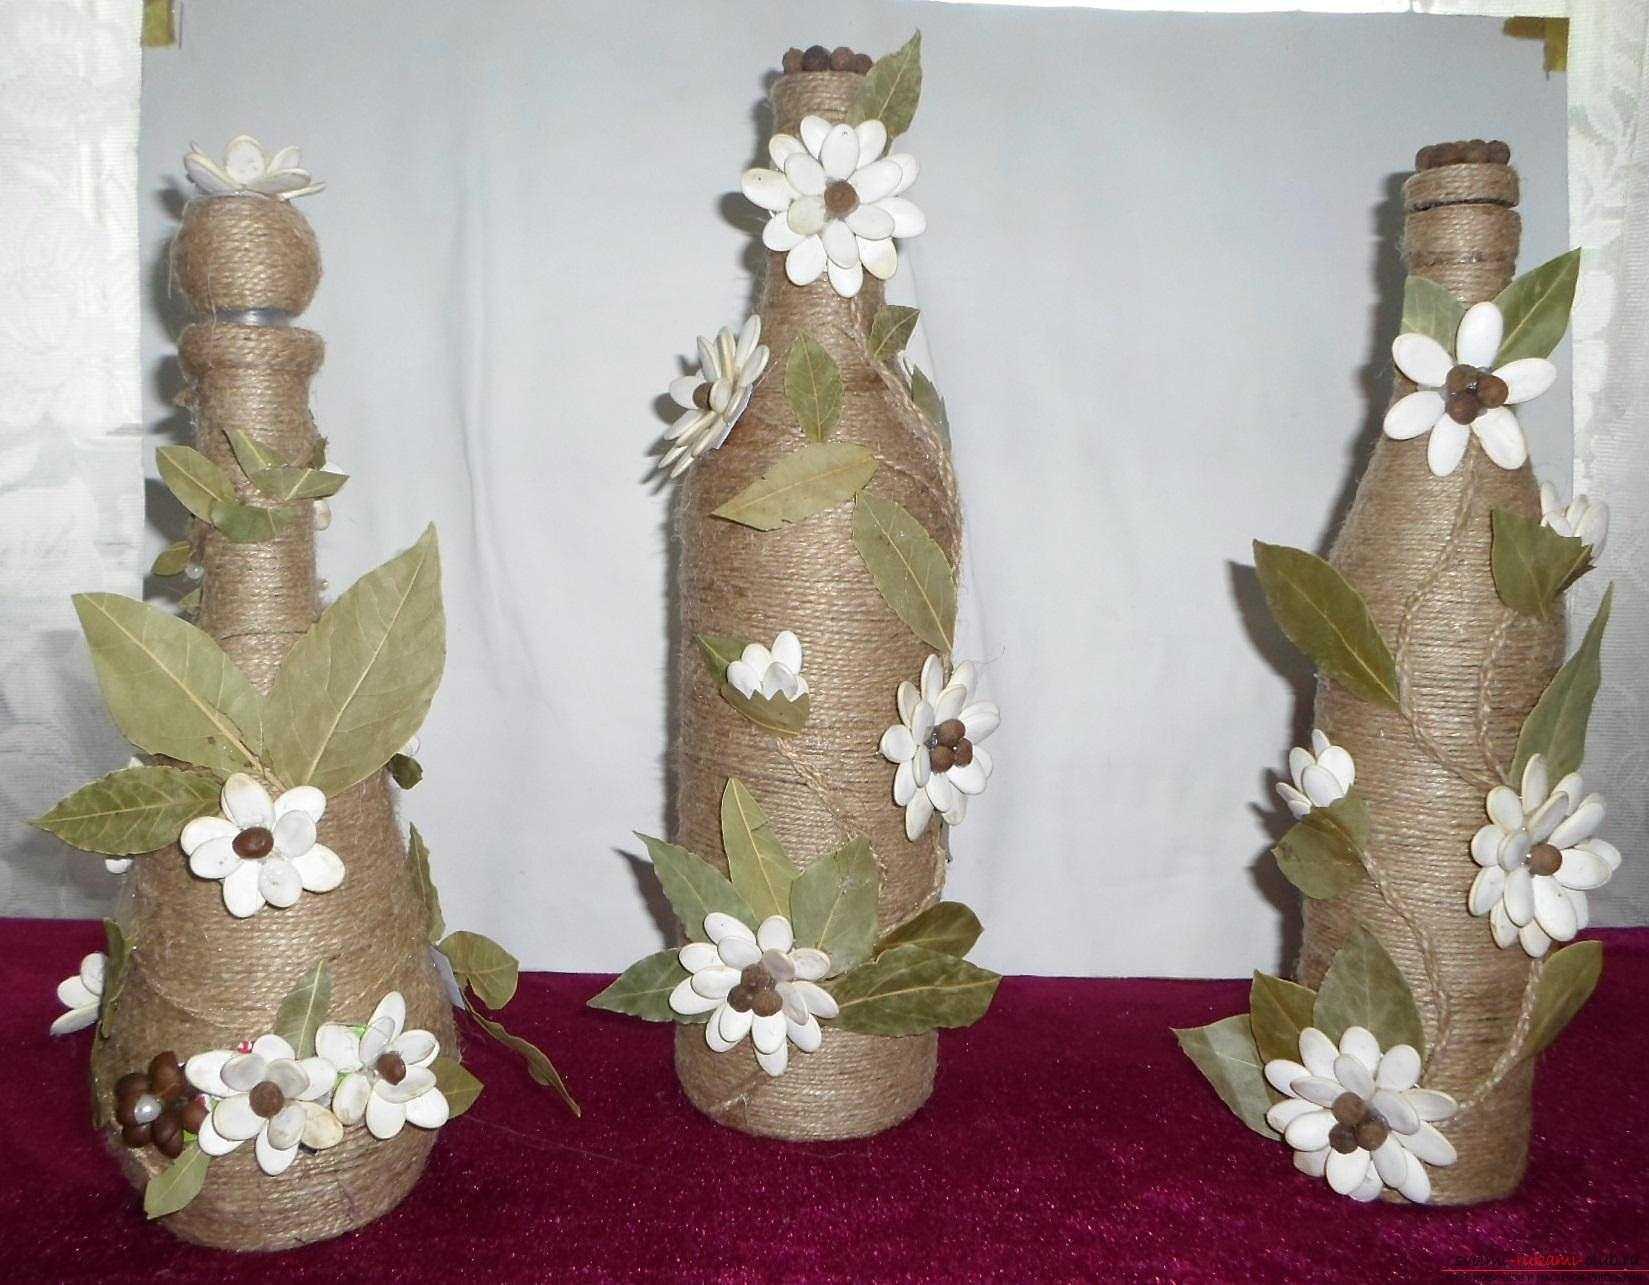 design inhabituel de bouteilles pour l'intérieur de la pièce